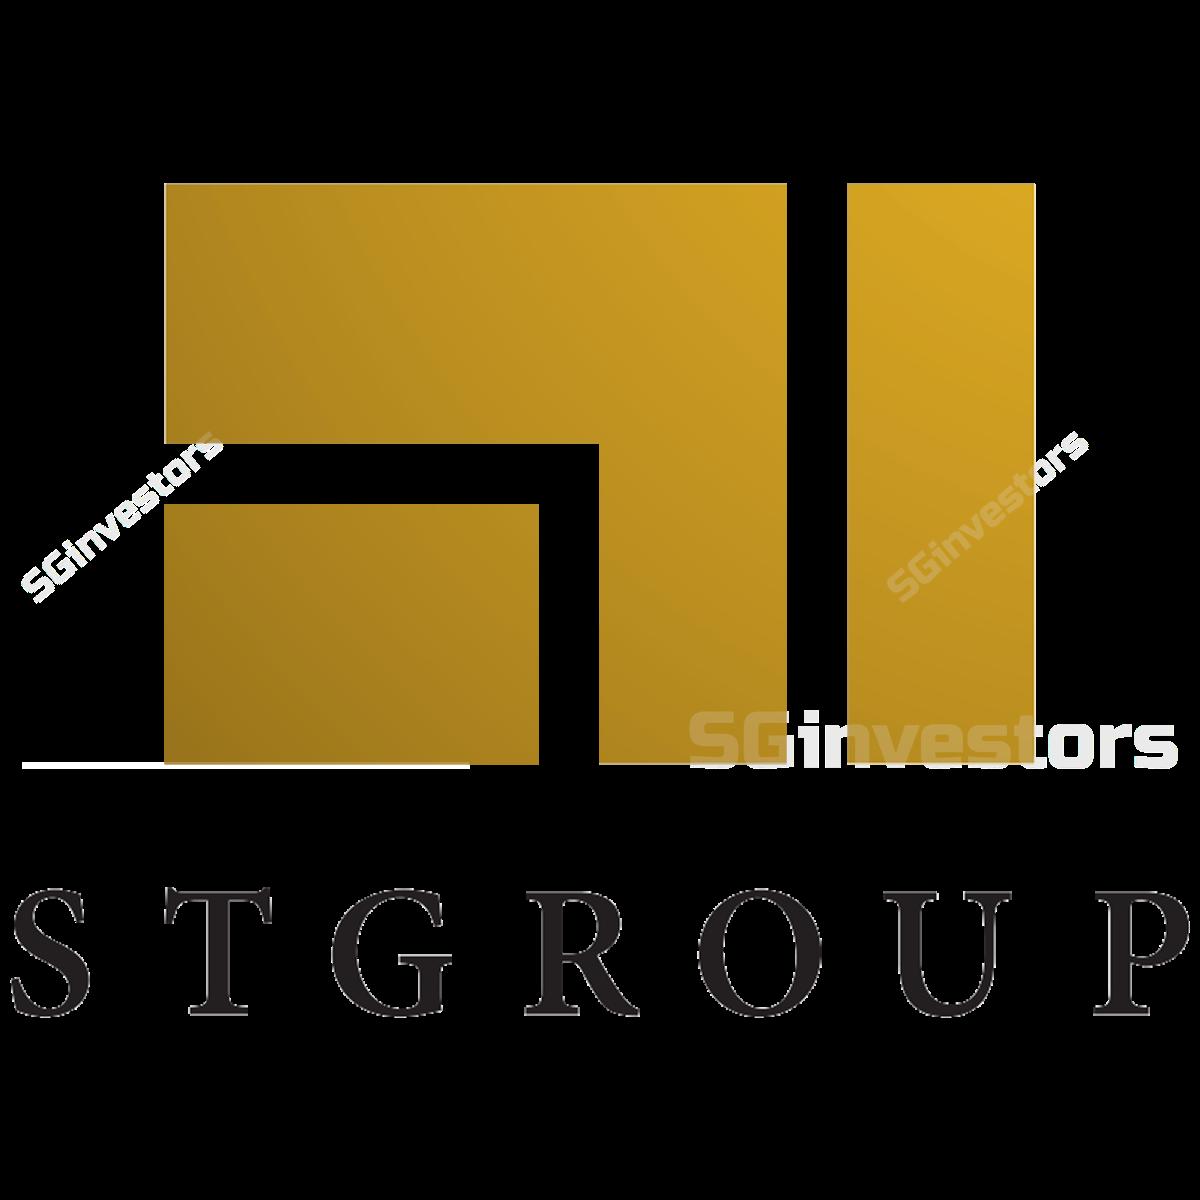 ST GROUP FOOD IND HLDG LIMITED (SGX:DRX) | SGinvestors.io